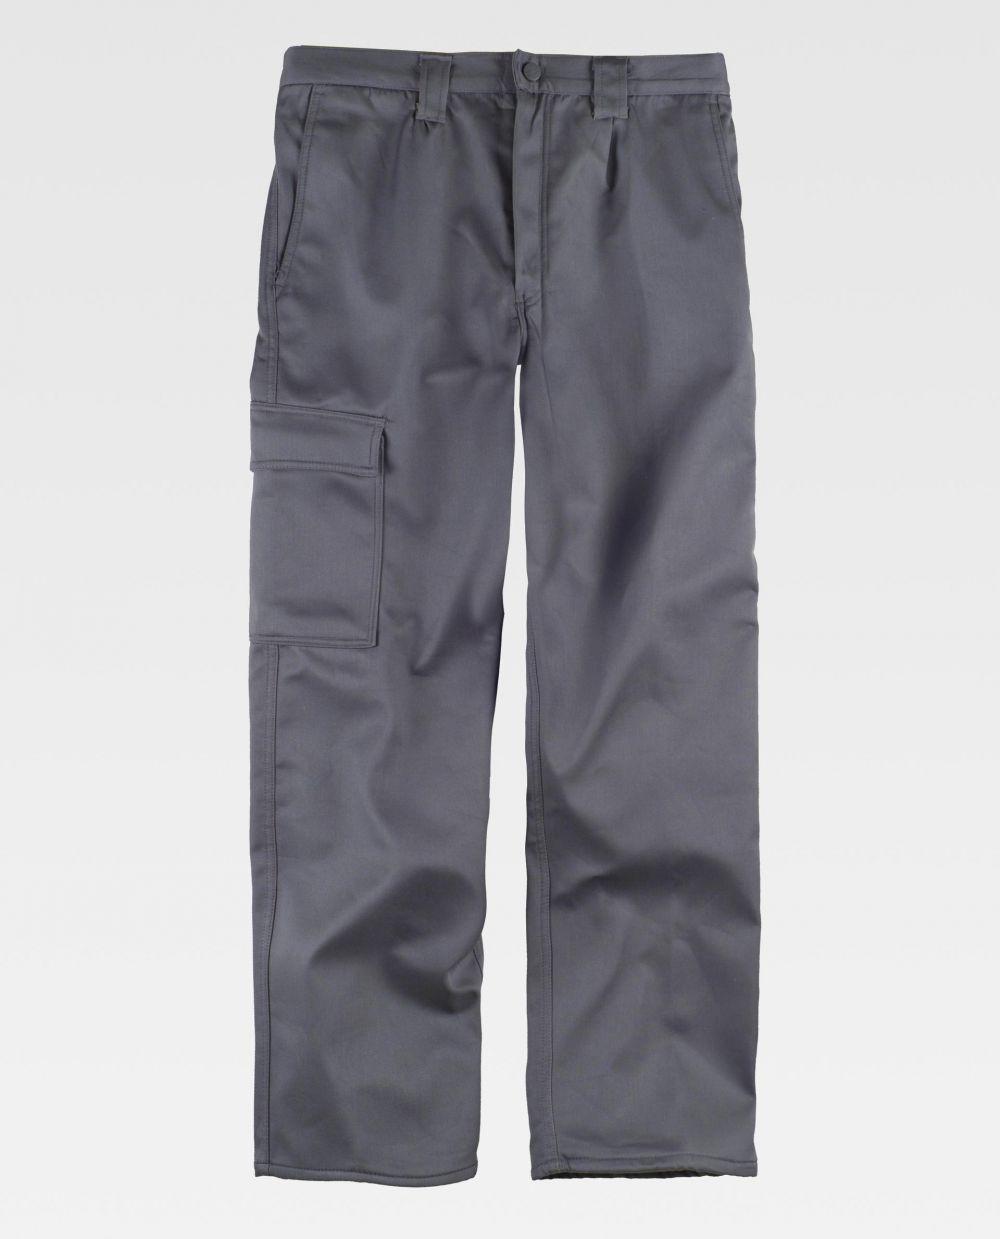 Pantalones de trabajo workteam b1408 de algodon para personalizar vista 2